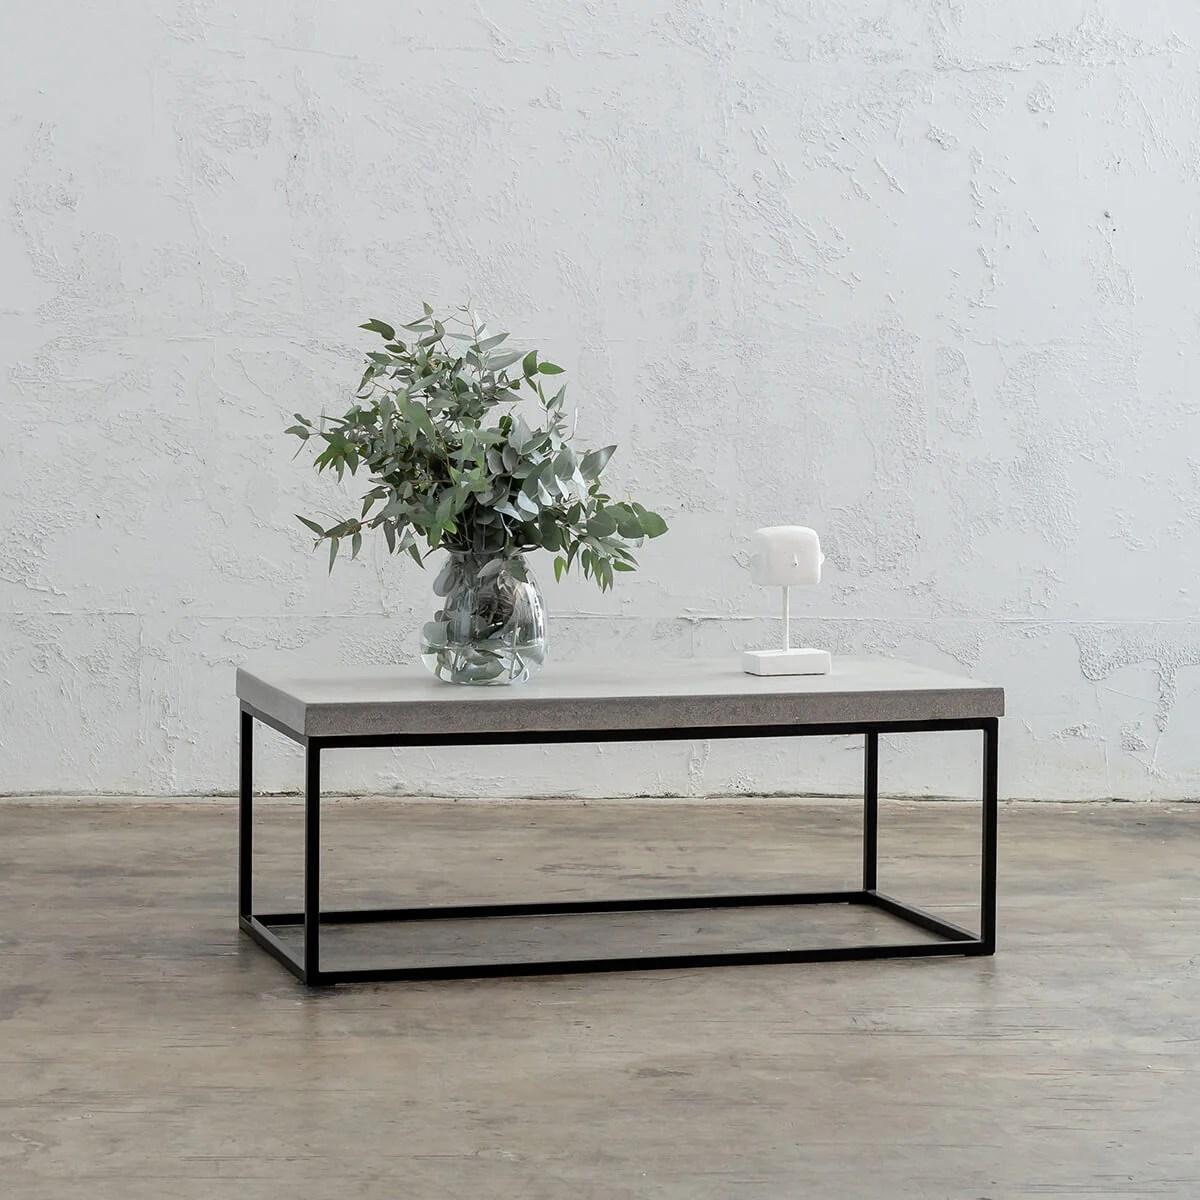 aria concrete granite rectangle coffee table zinc ash